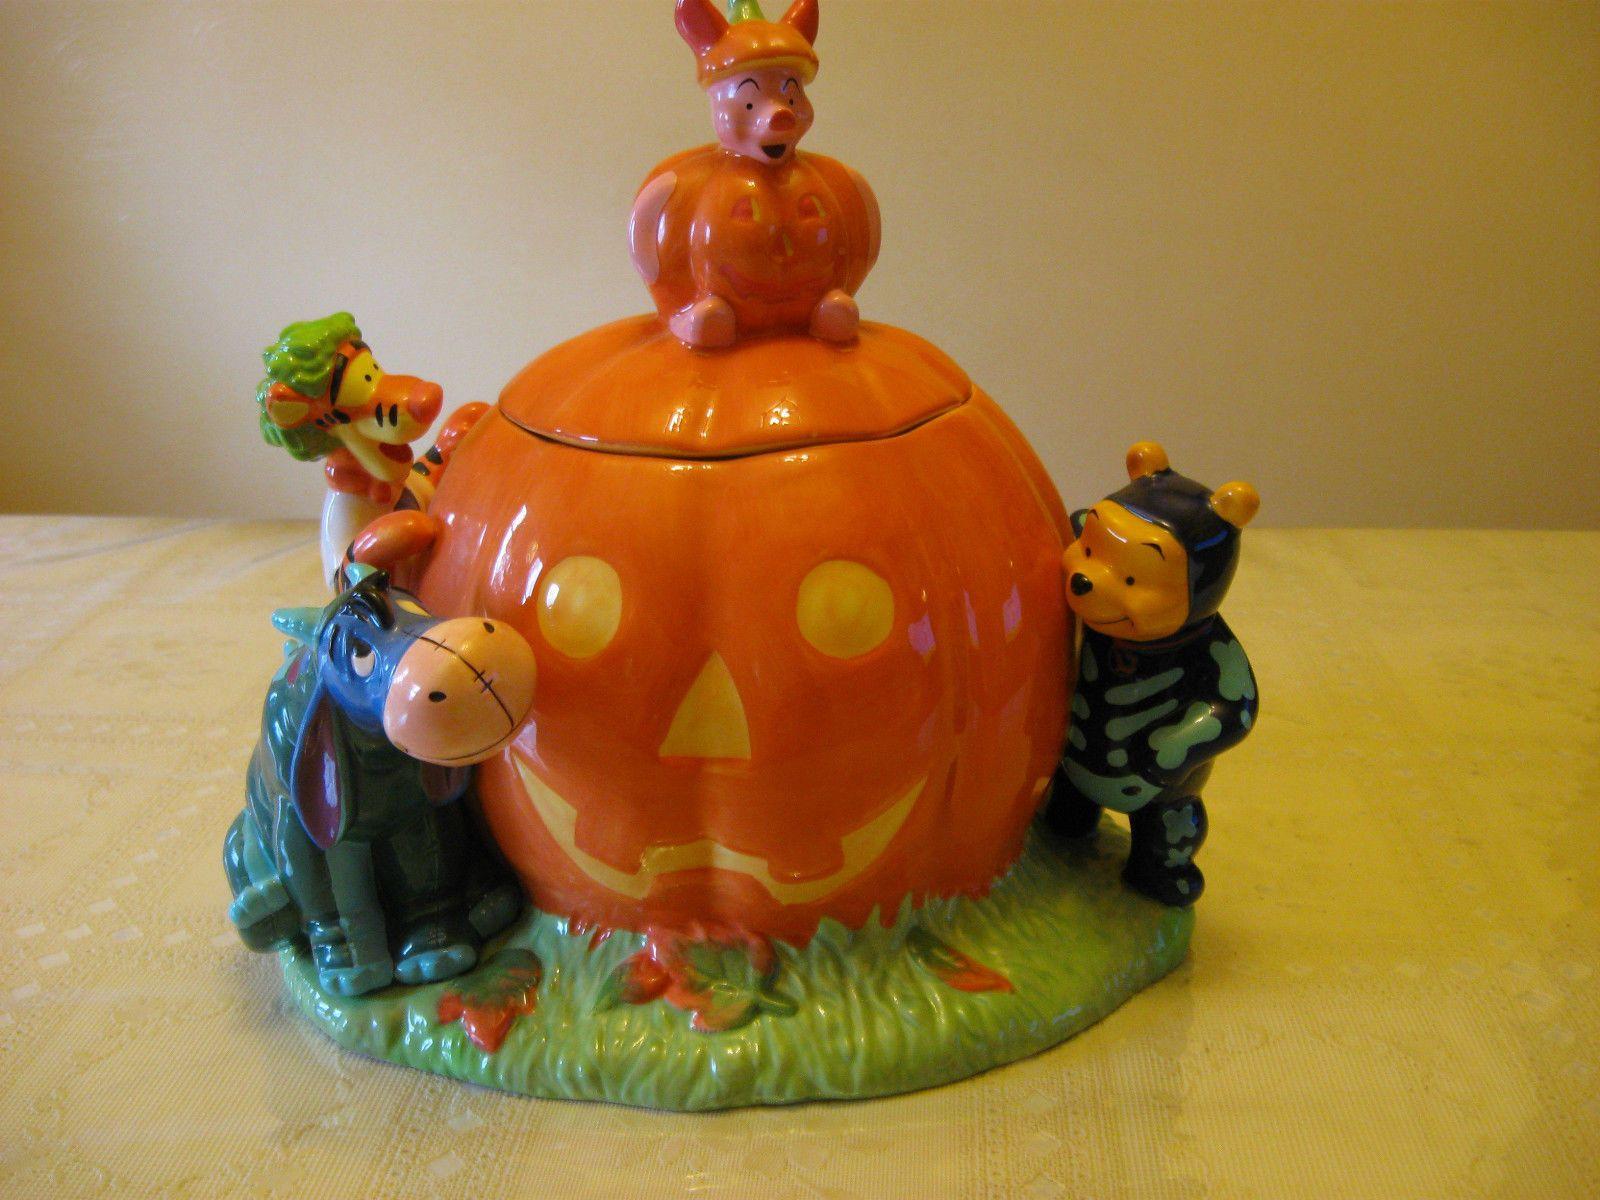 1998 Disney Winnie The Pooh Halloween Cookie Jar